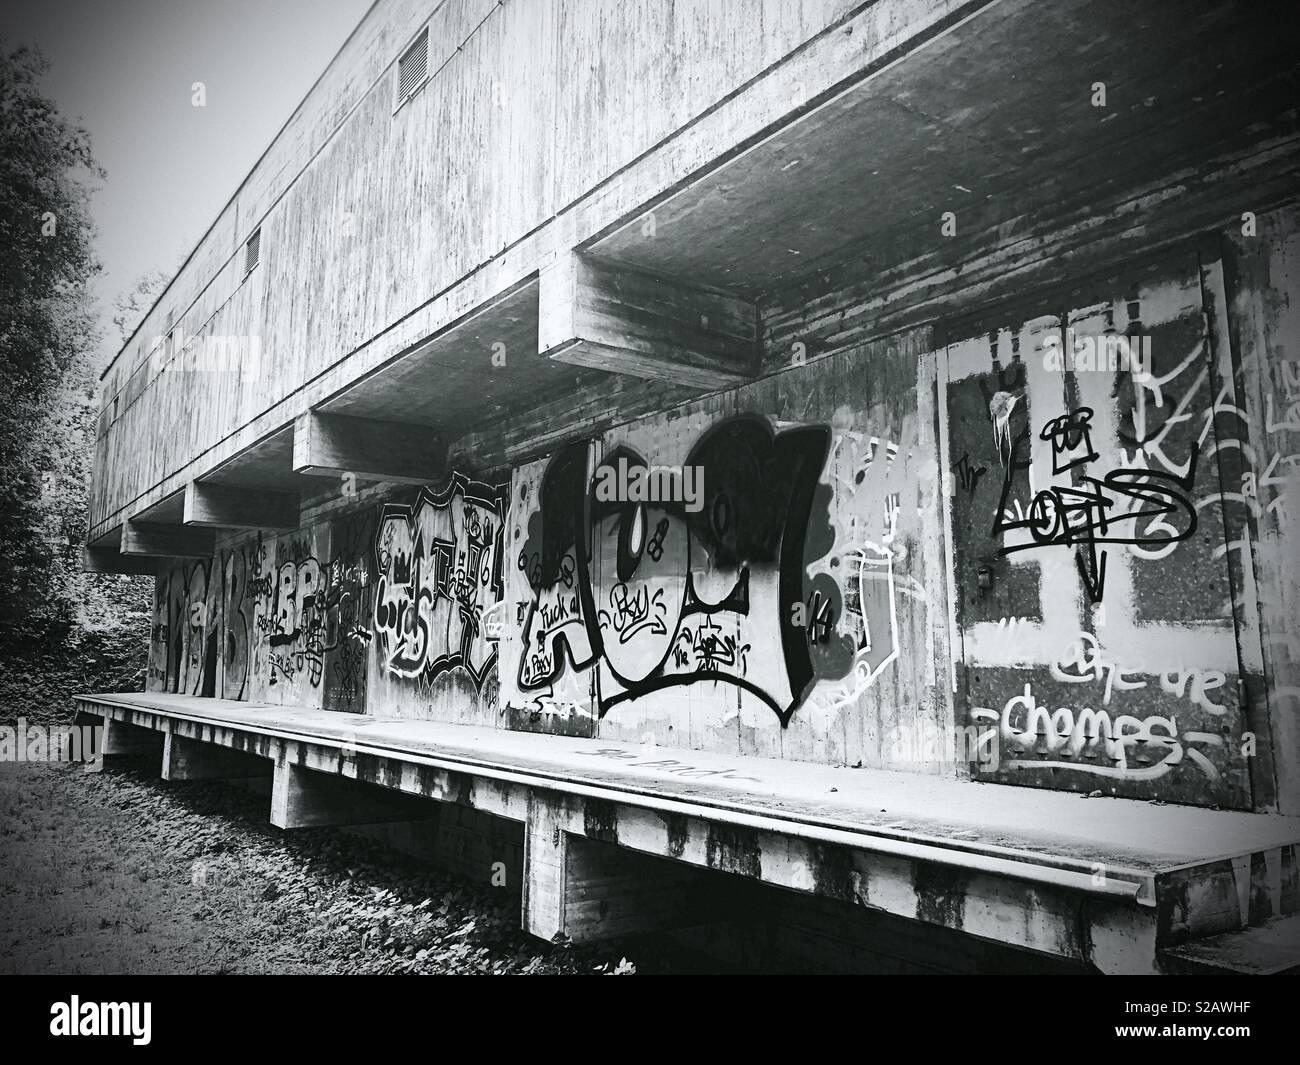 Graffiti sul lato di un edificio Immagini Stock